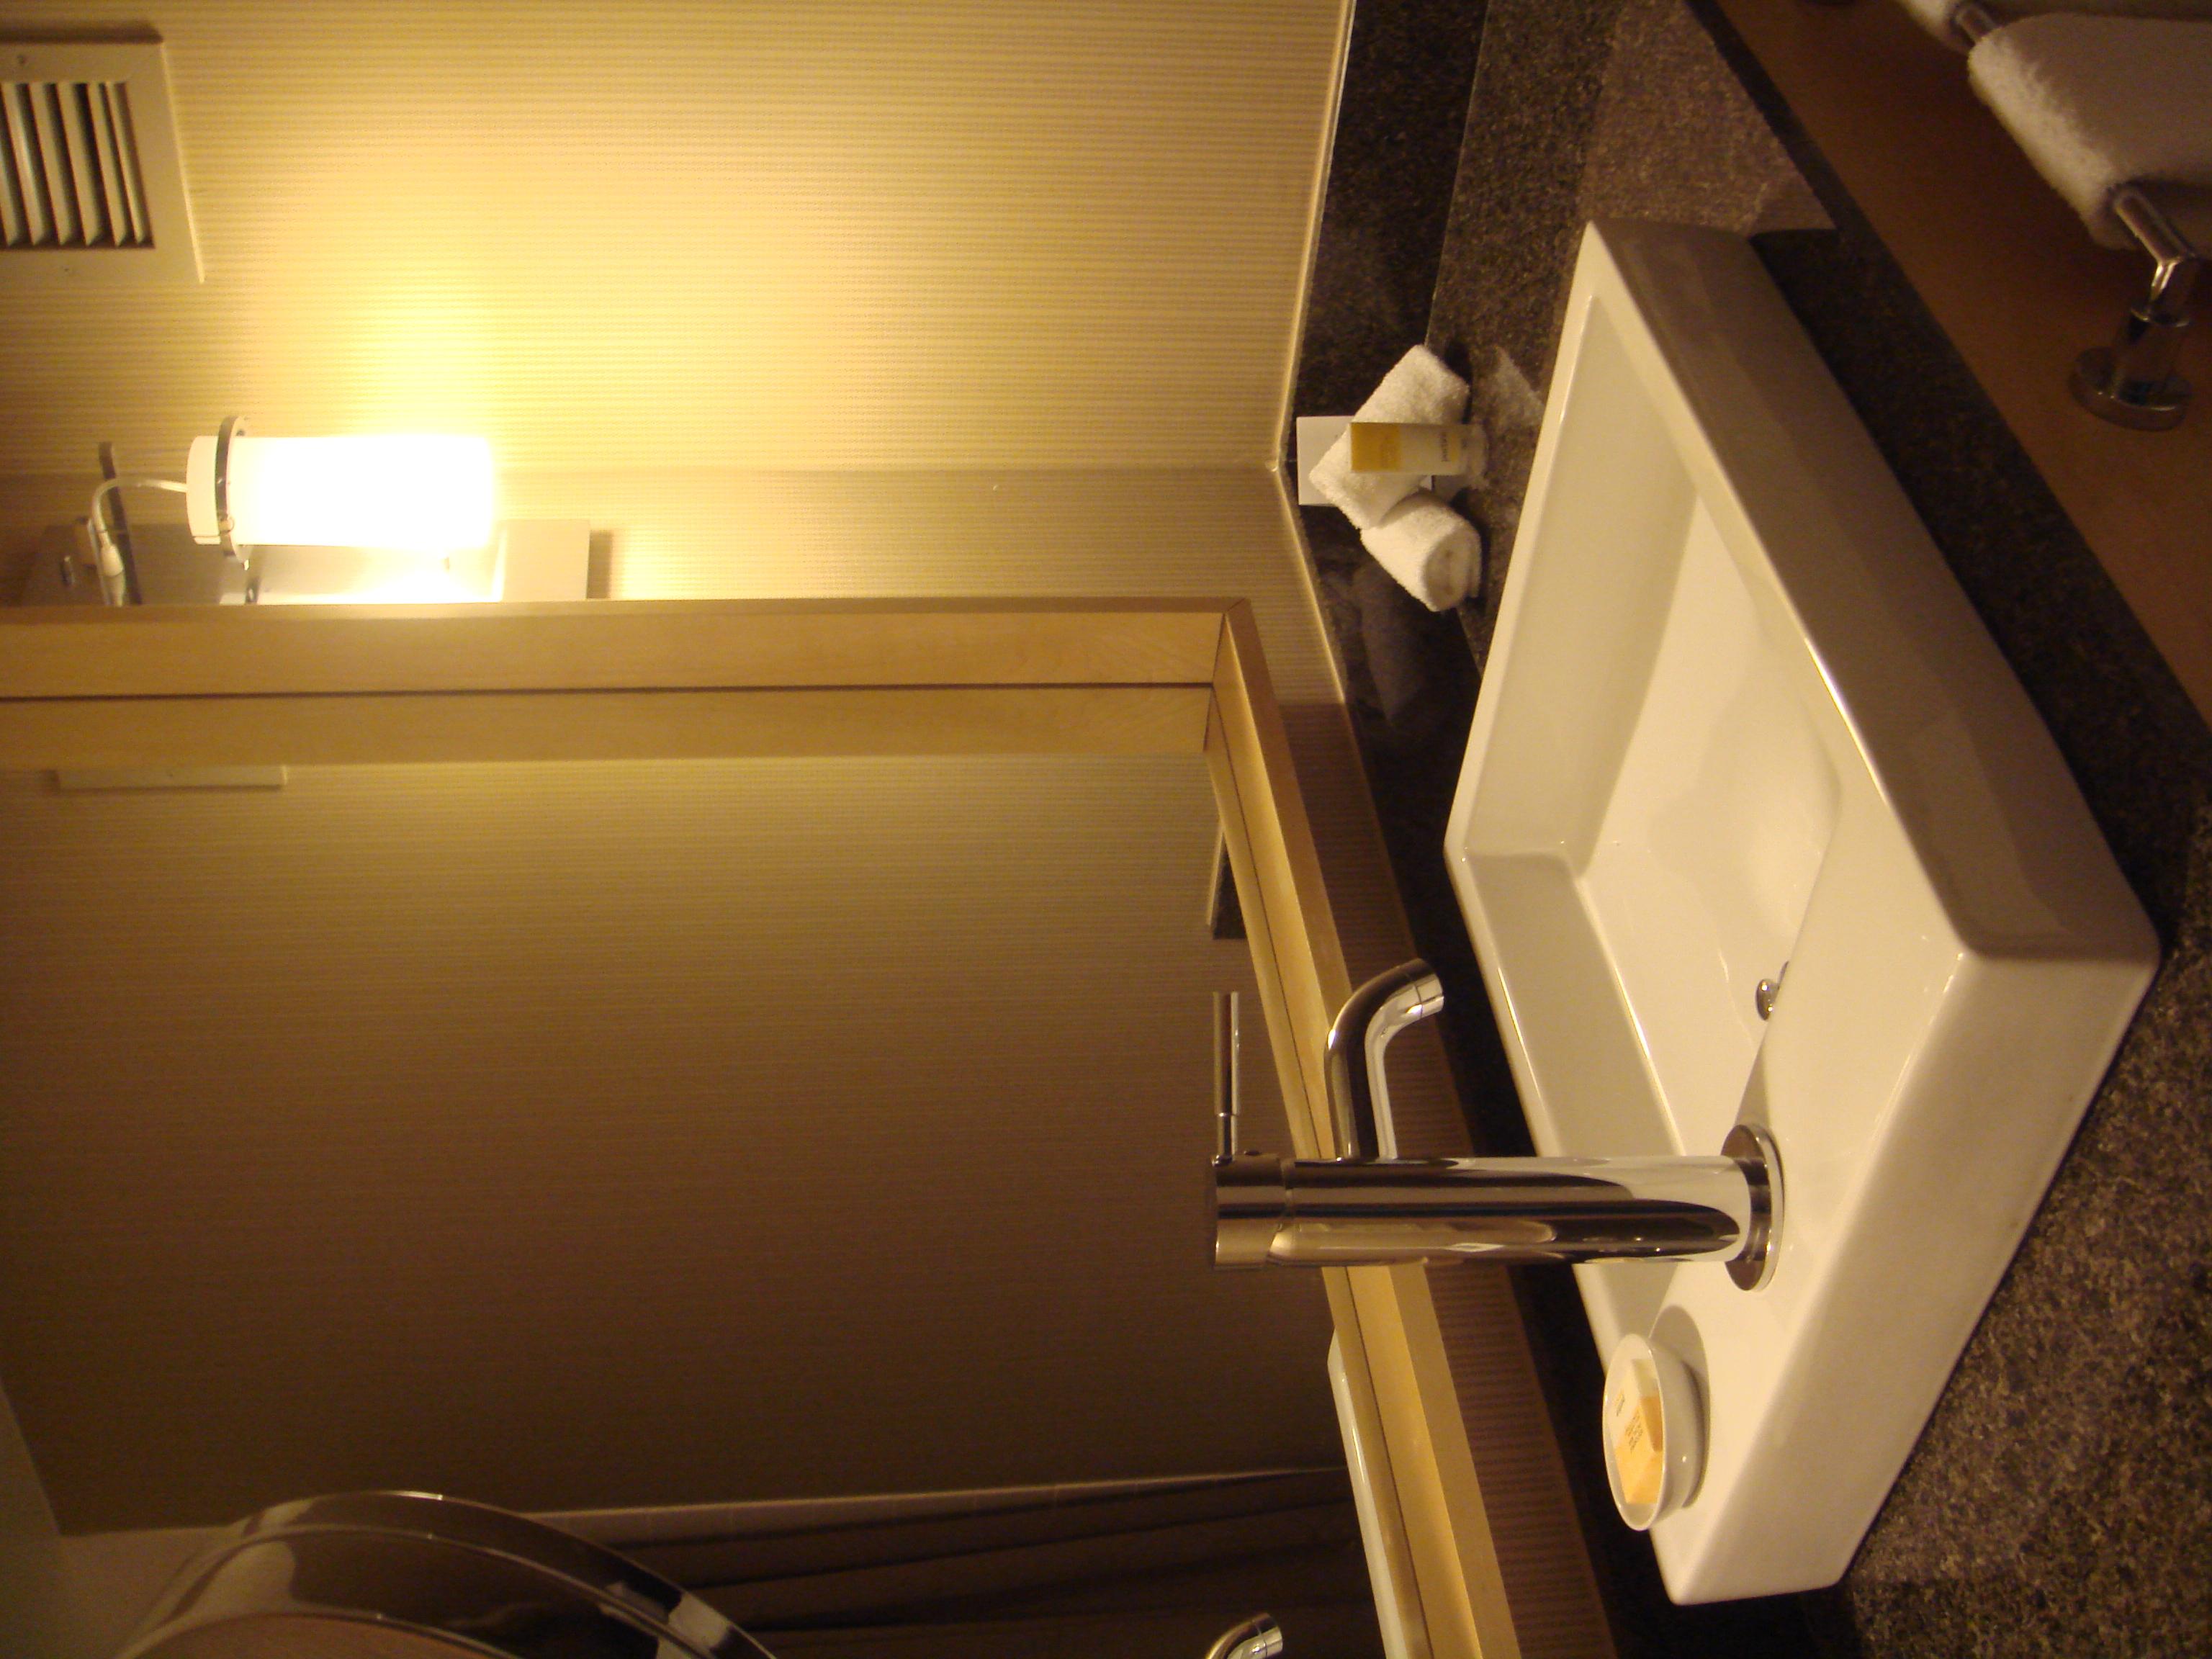 Hyatt Regency Santa Clara Room Service Menu